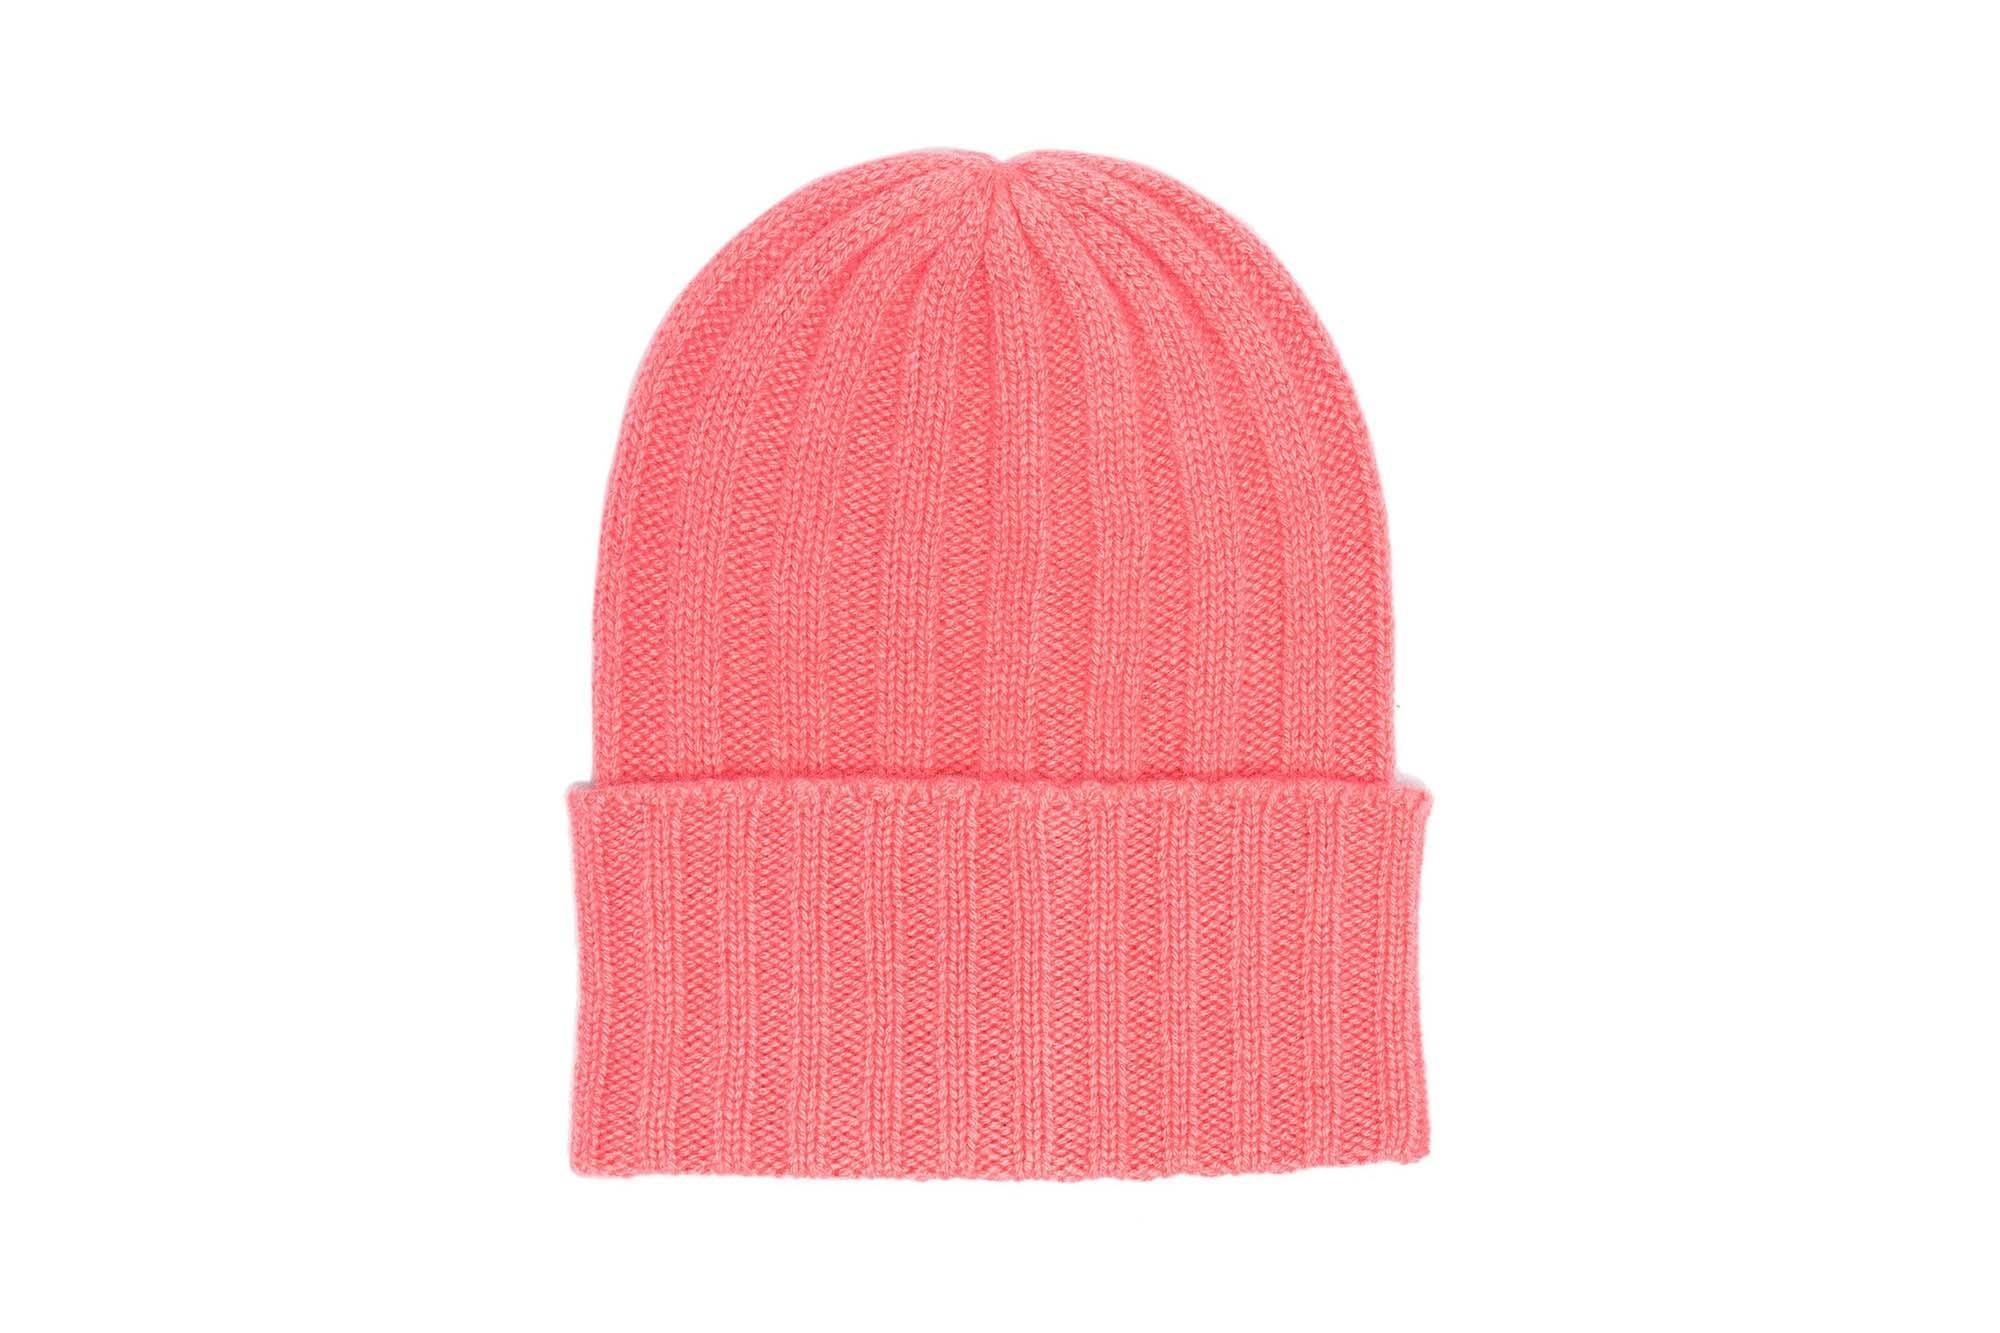 编辑推荐:值得入手的针织帽